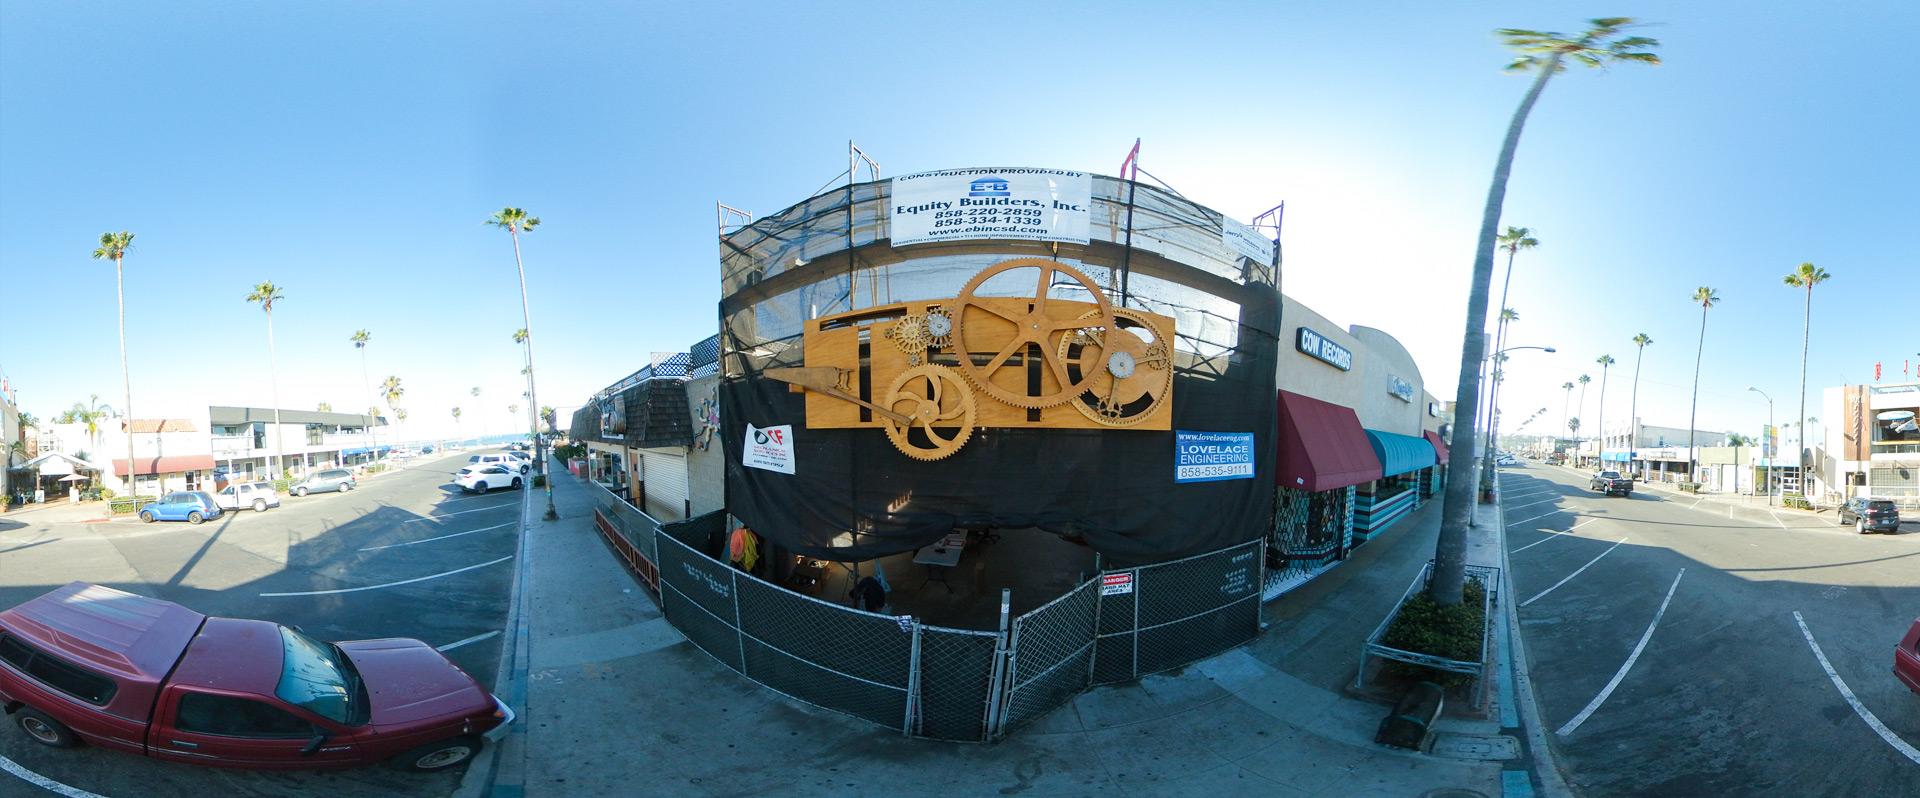 Ocean Beach, San Diego - The Holding Company